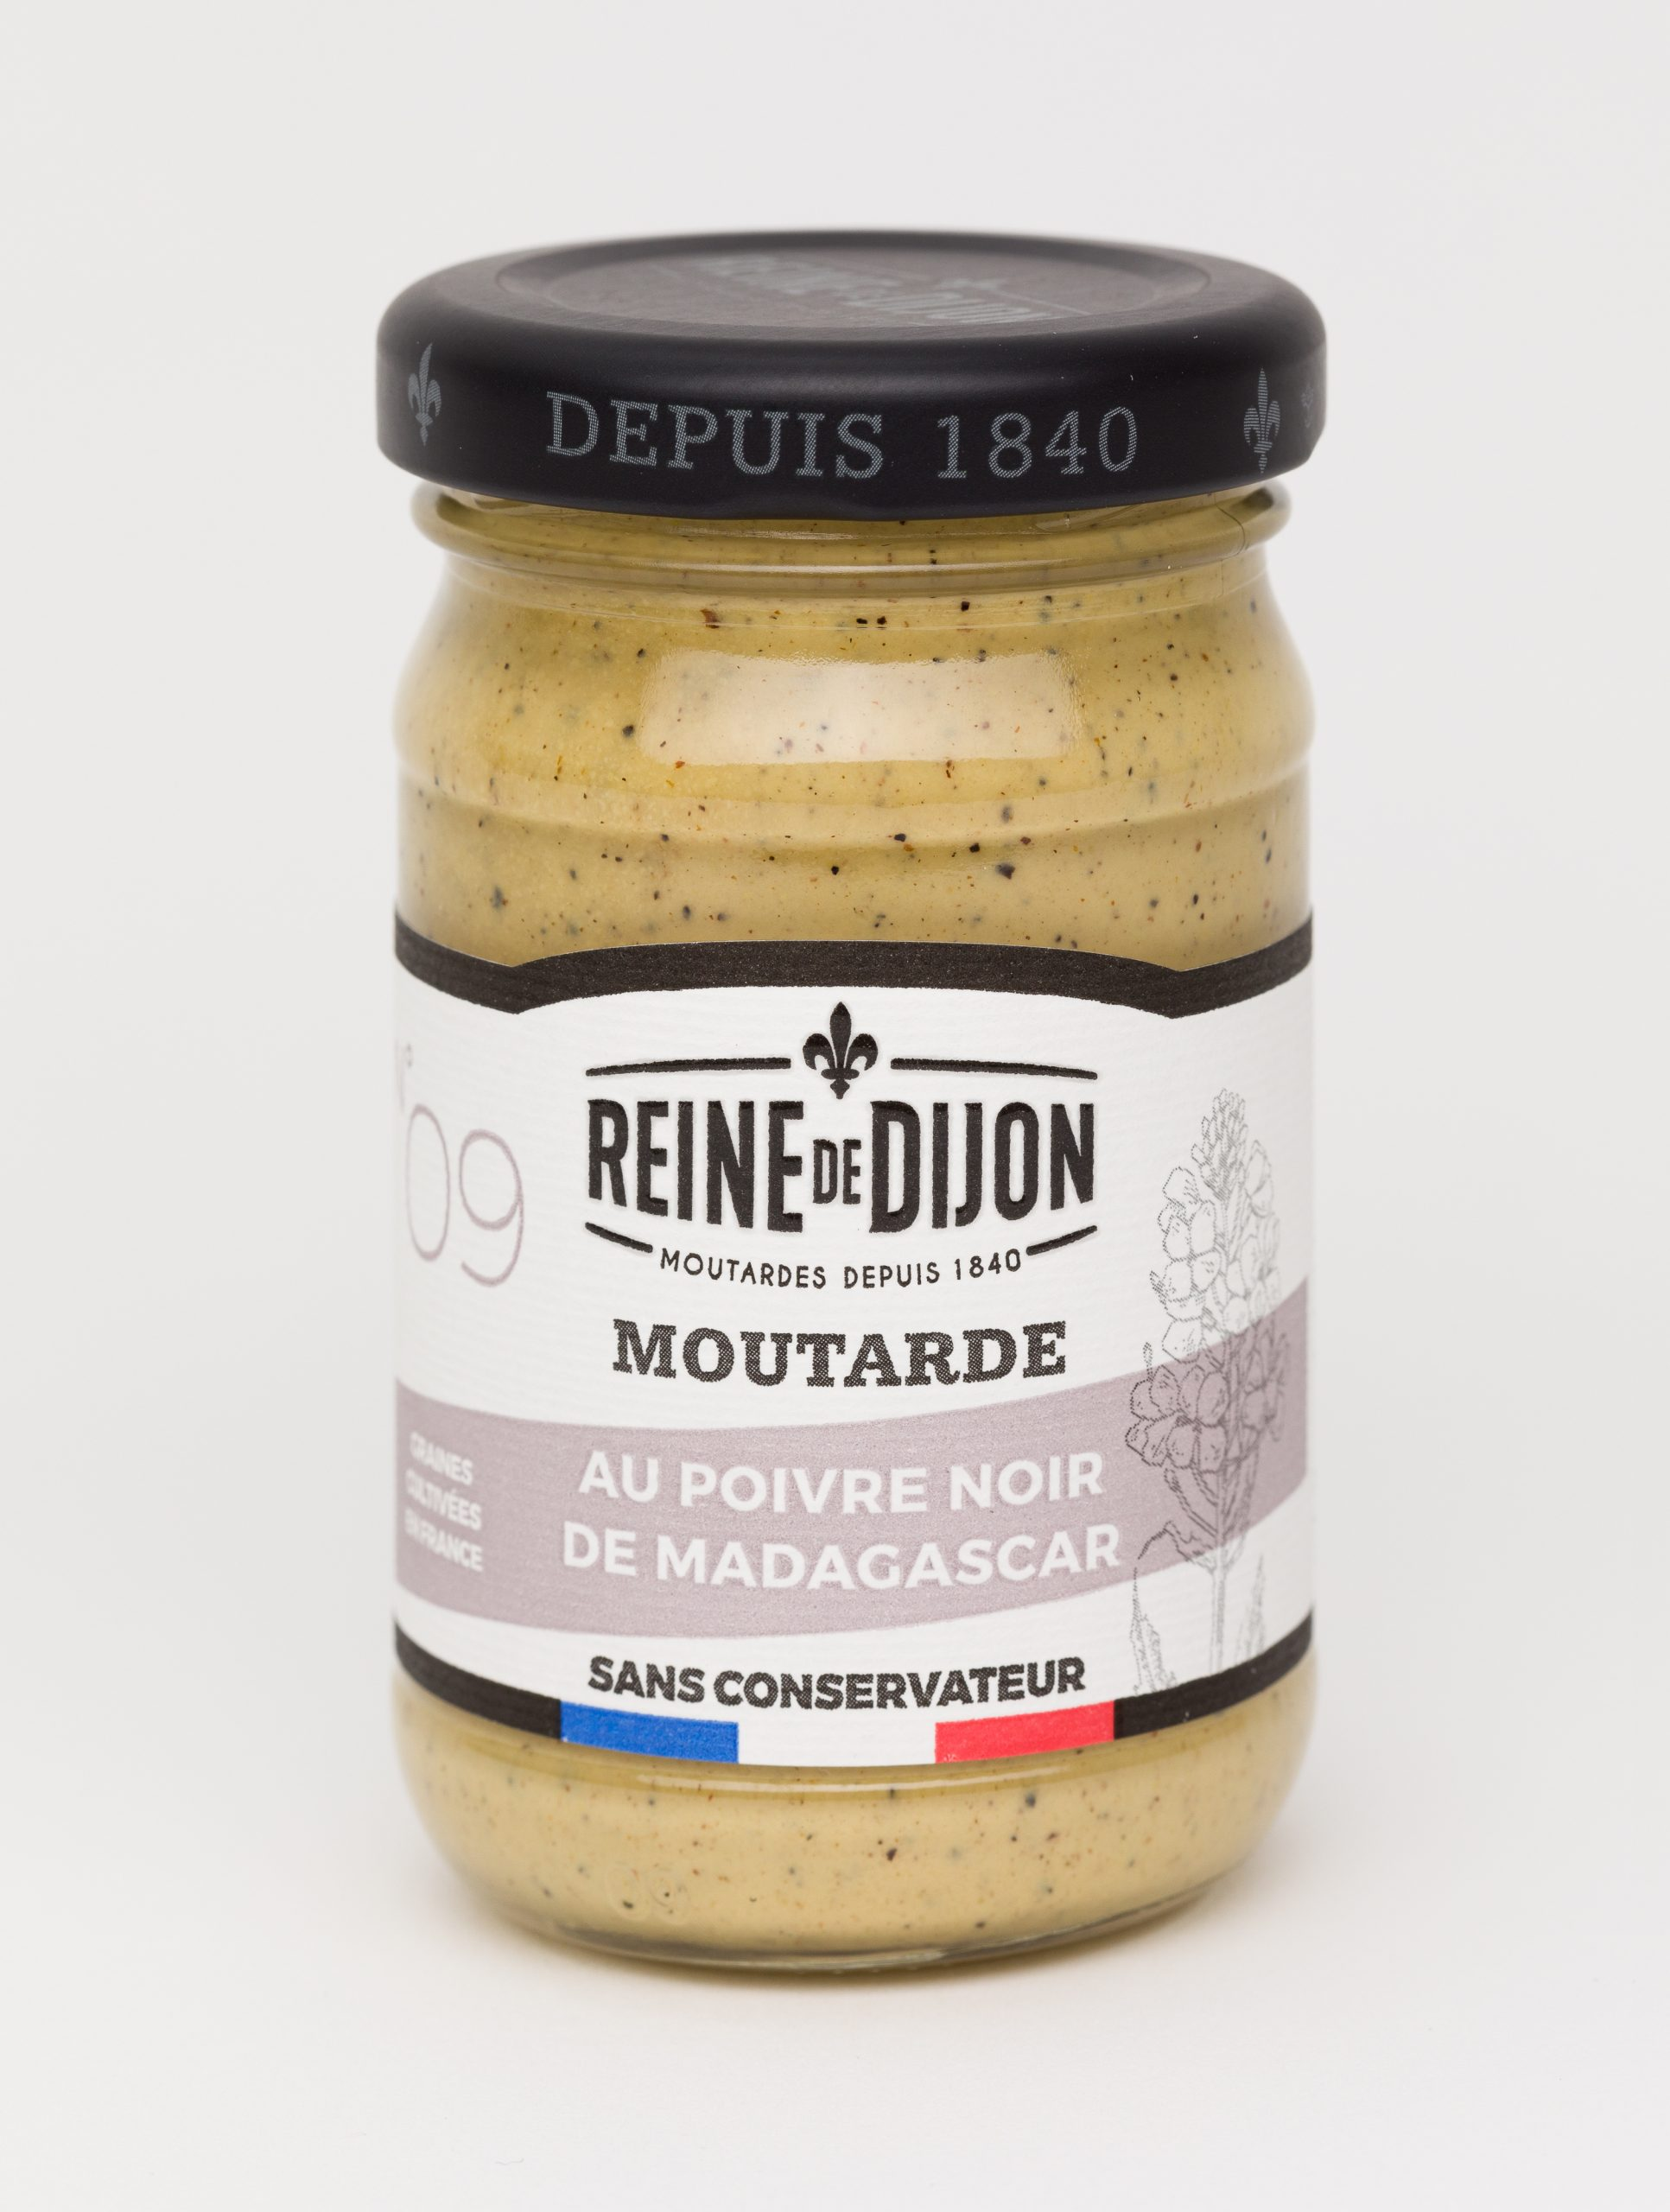 Reine de Dijon GMS Blanc 09 Moutarde au poivre noir 100g  scaled - La moutarde aux graines 100% françaises